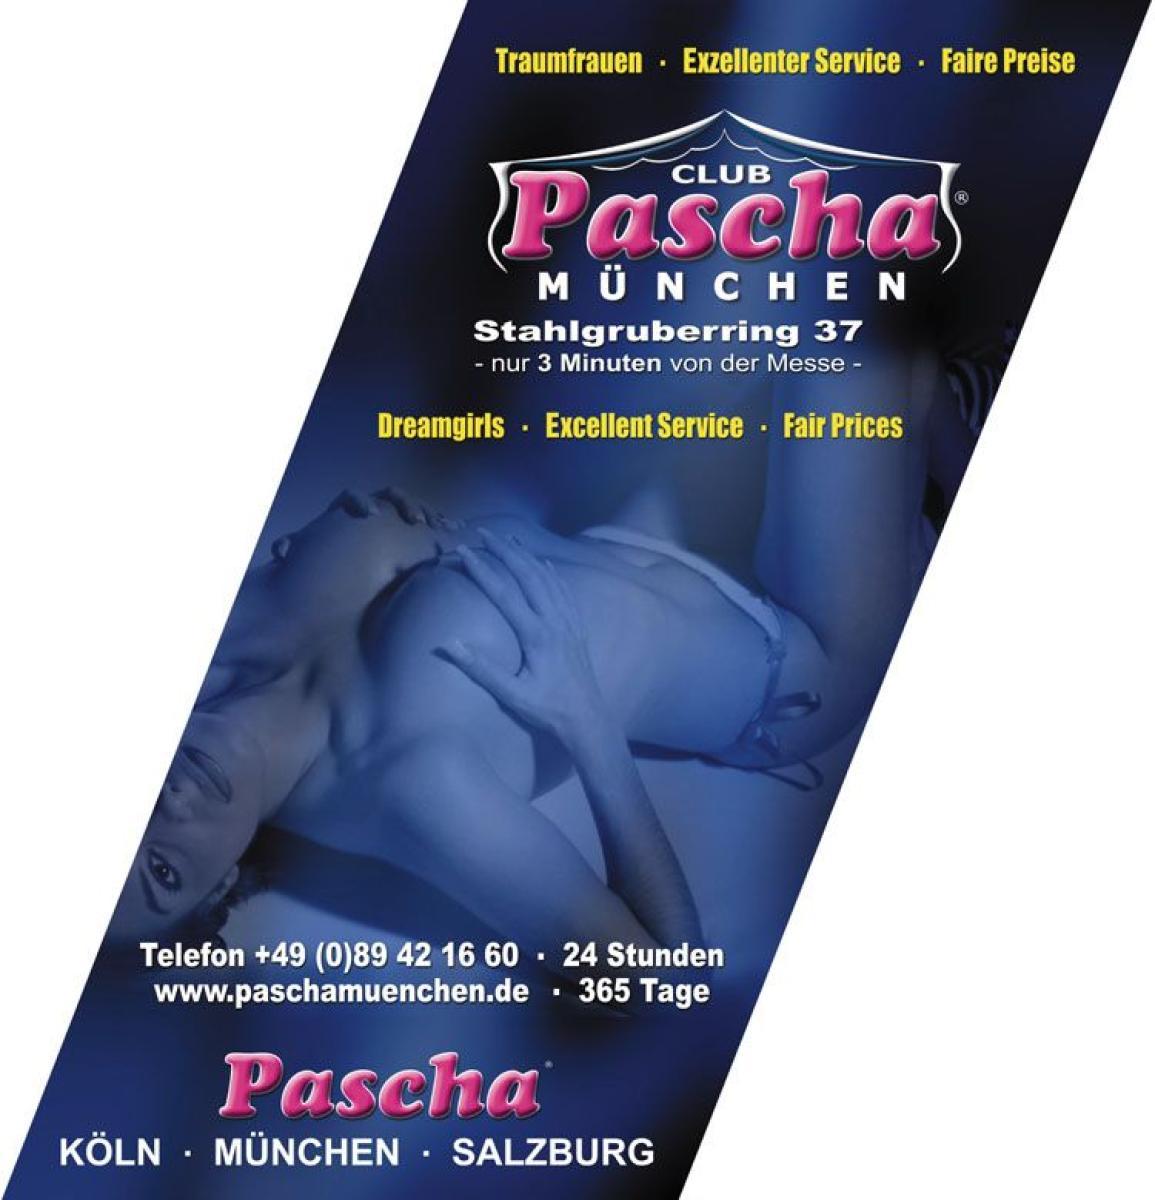 Pascha Munchen